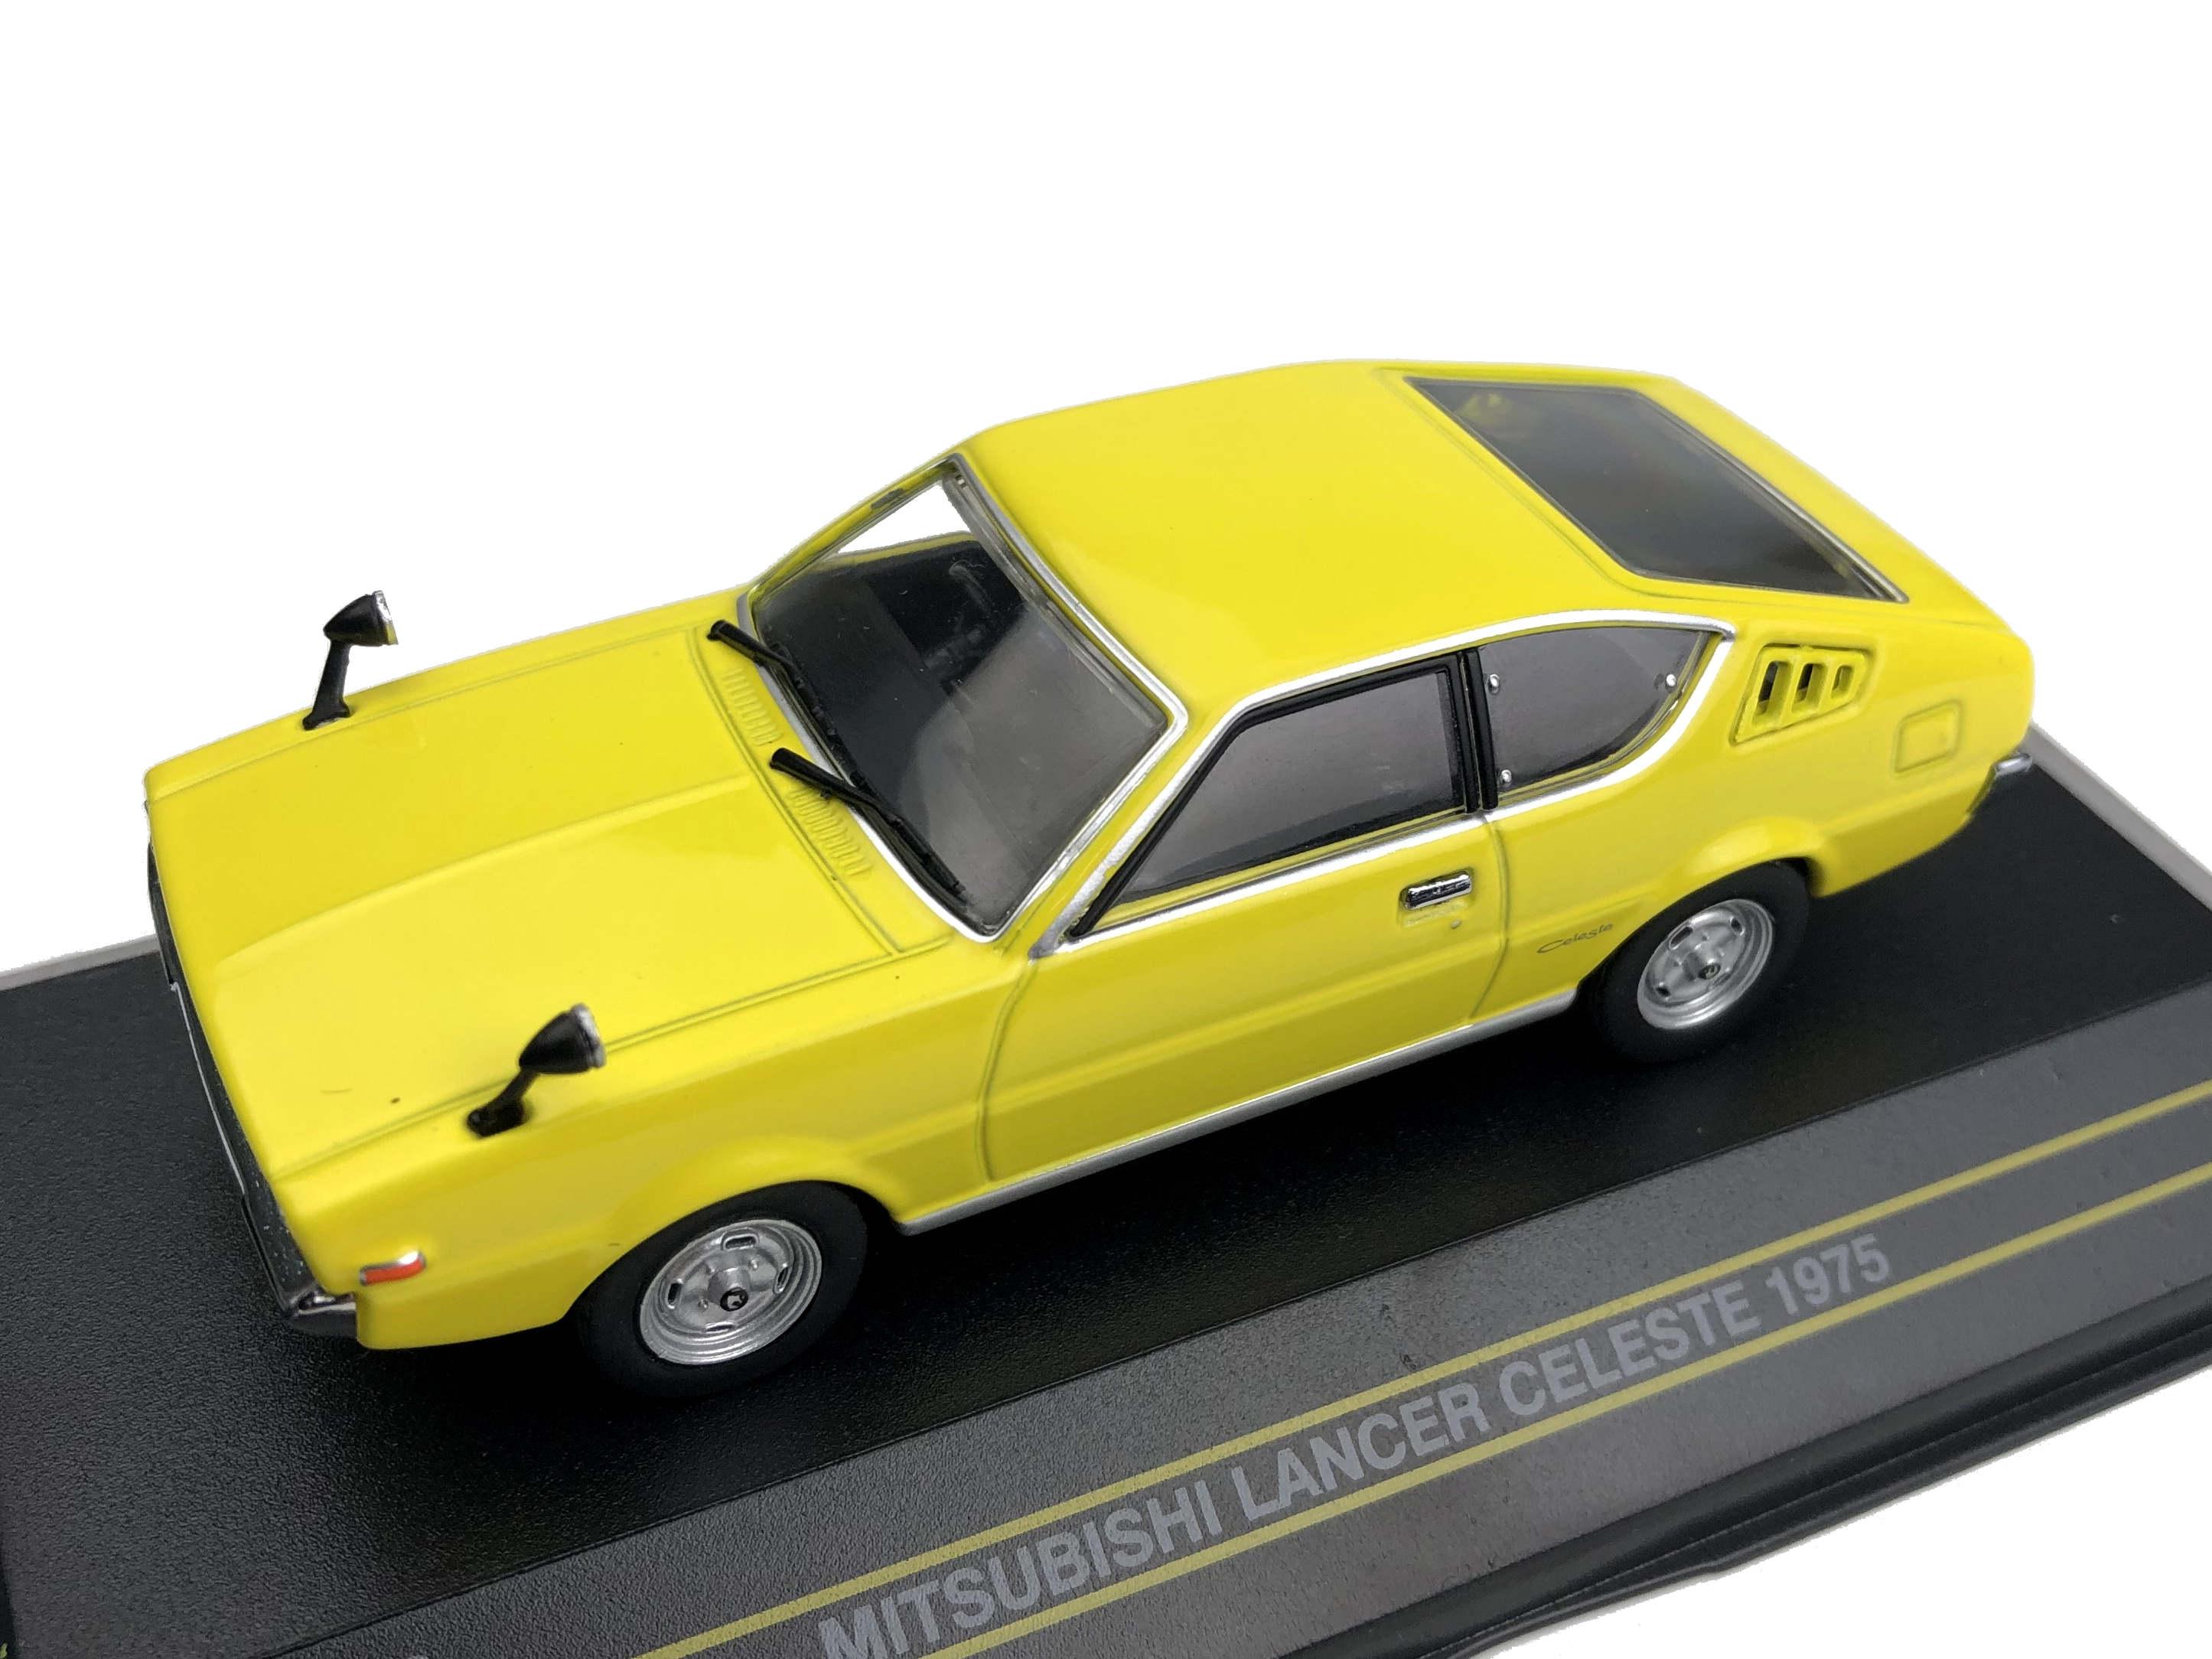 First43/ファースト43 三菱 ランサー セレステ 1975 イエロー